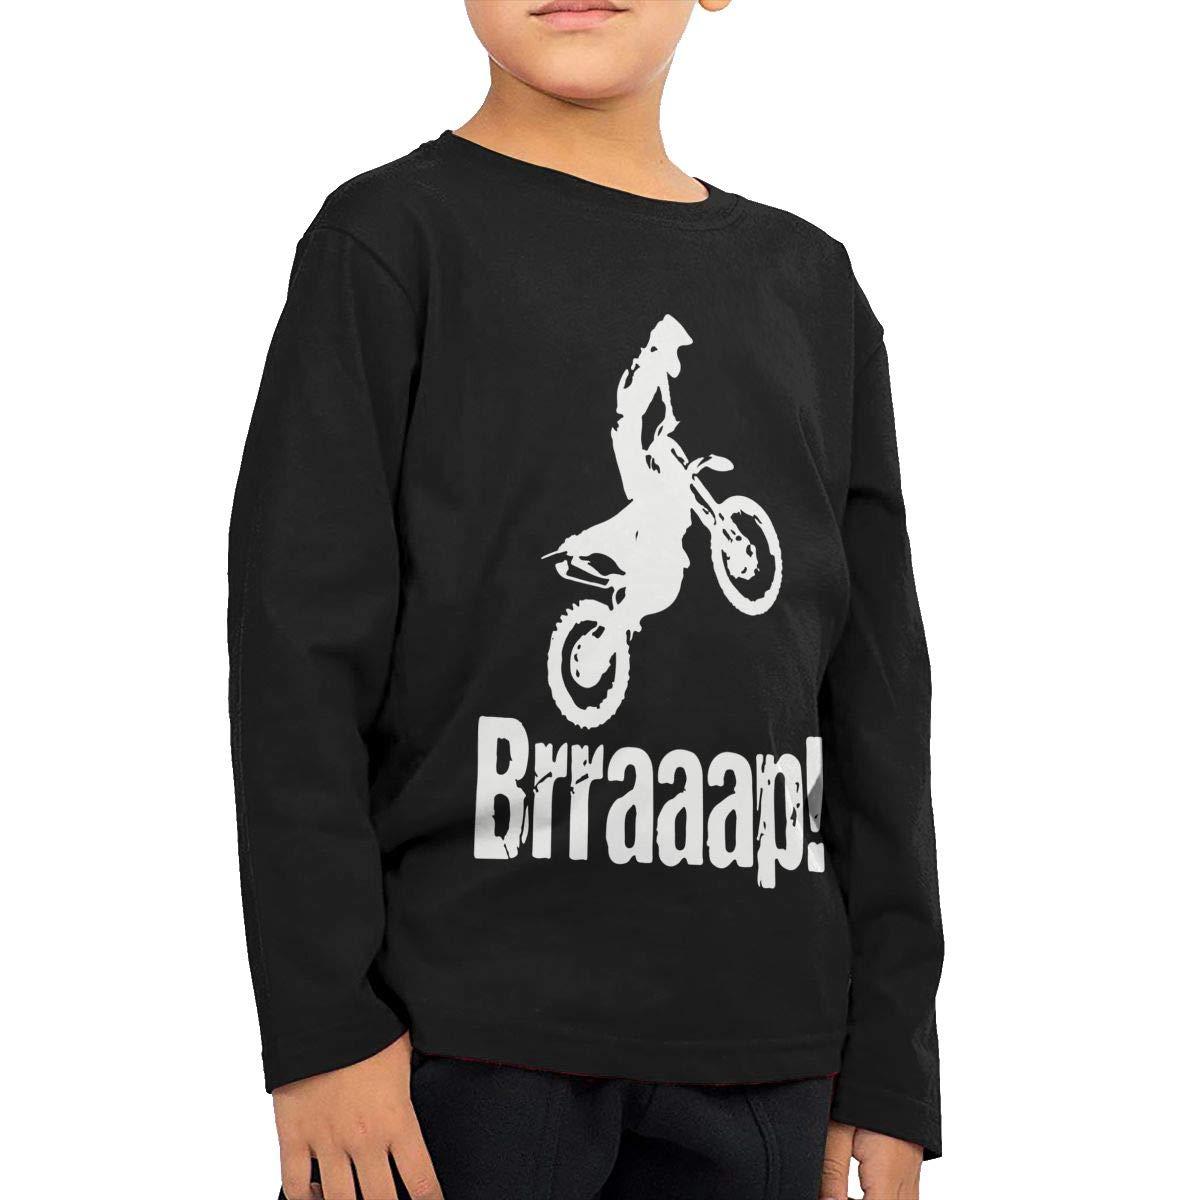 CERTONGCXTS Little Girls Brraaap Dirt Bike Motocross ComfortSoft Long Sleeve Shirt